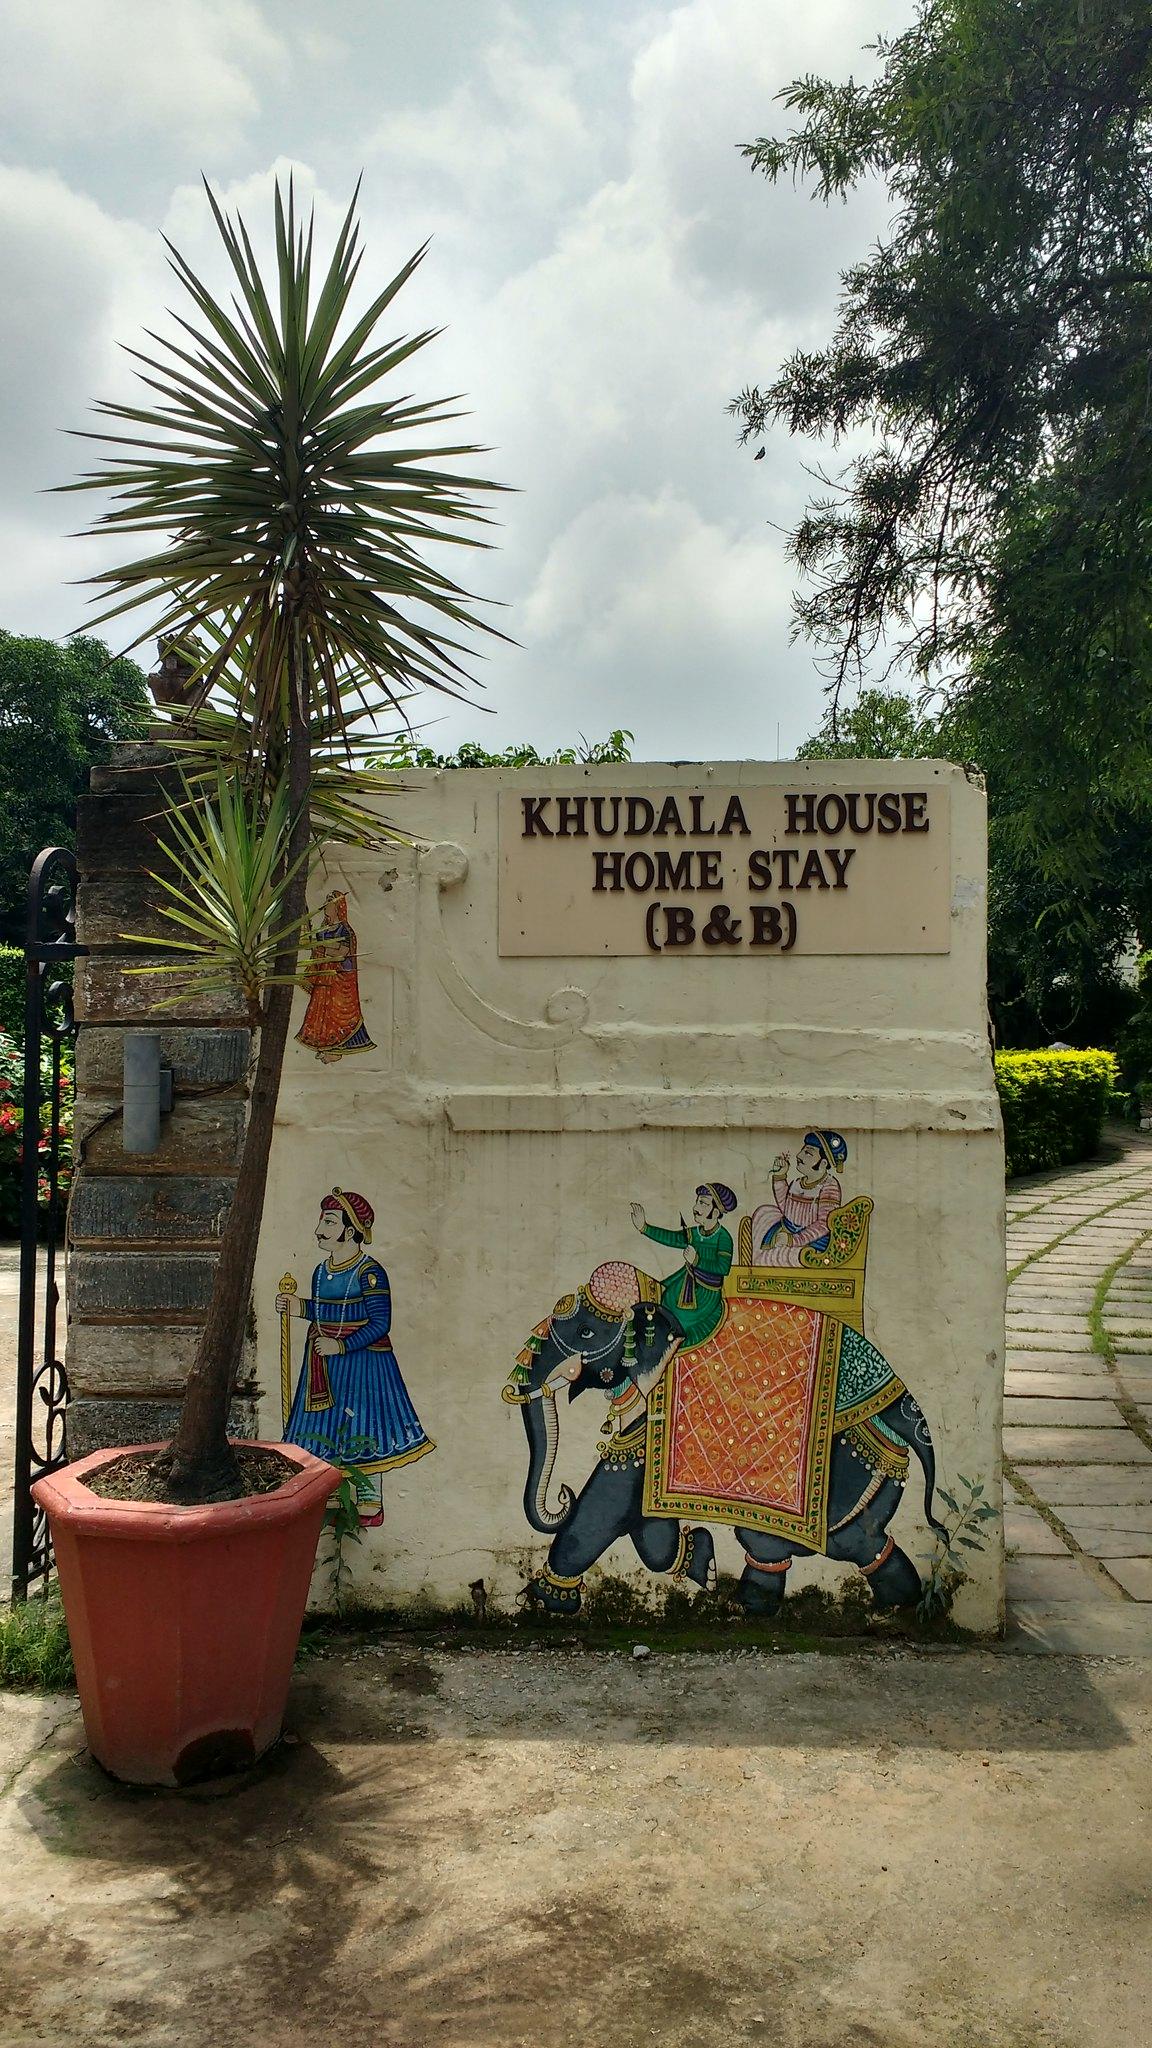 Khudala House